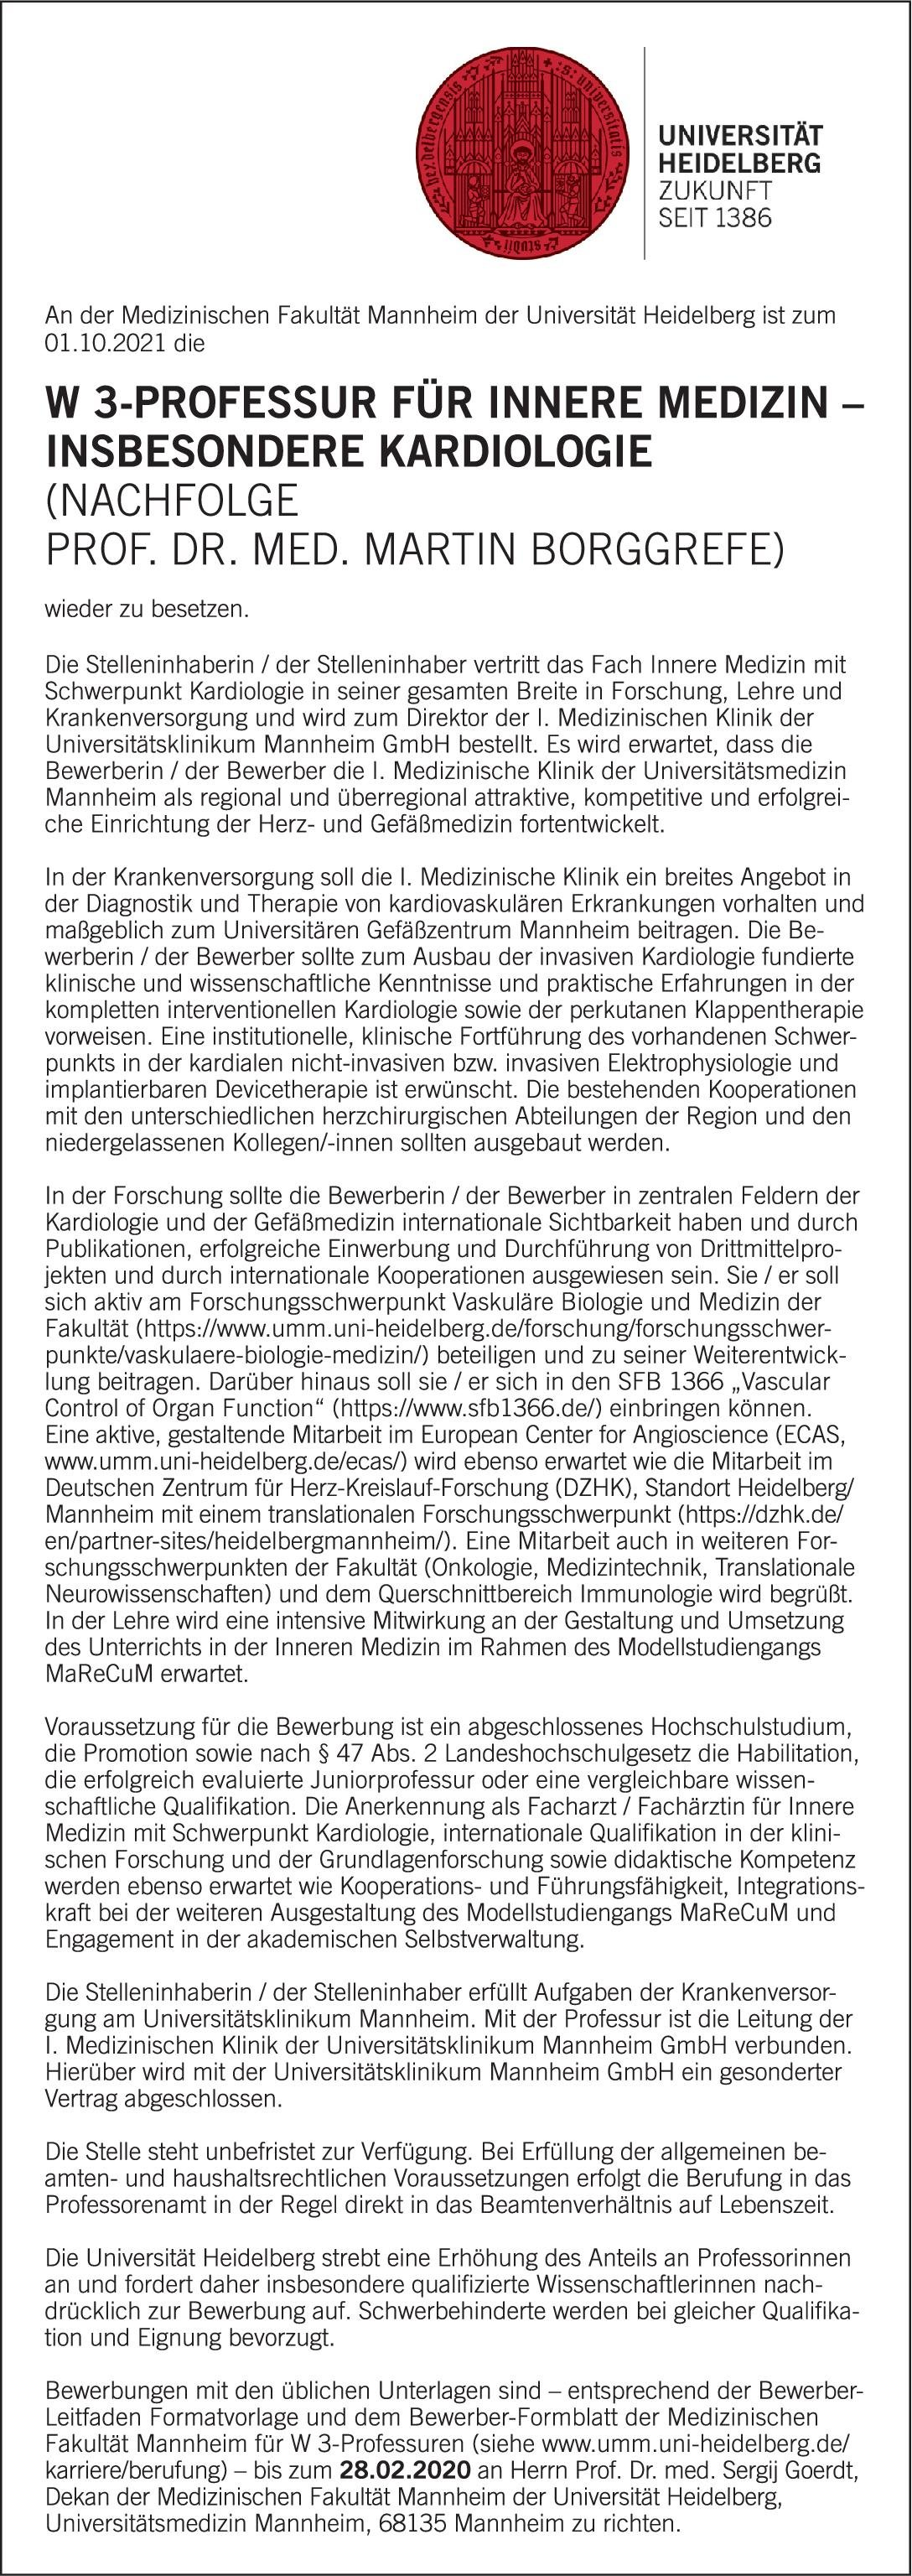 Universität Heidelberg W3-Professur für Innere Medizin – Insbesondere Kardiologie  Innere Medizin und Kardiologie, Innere Medizin Professor